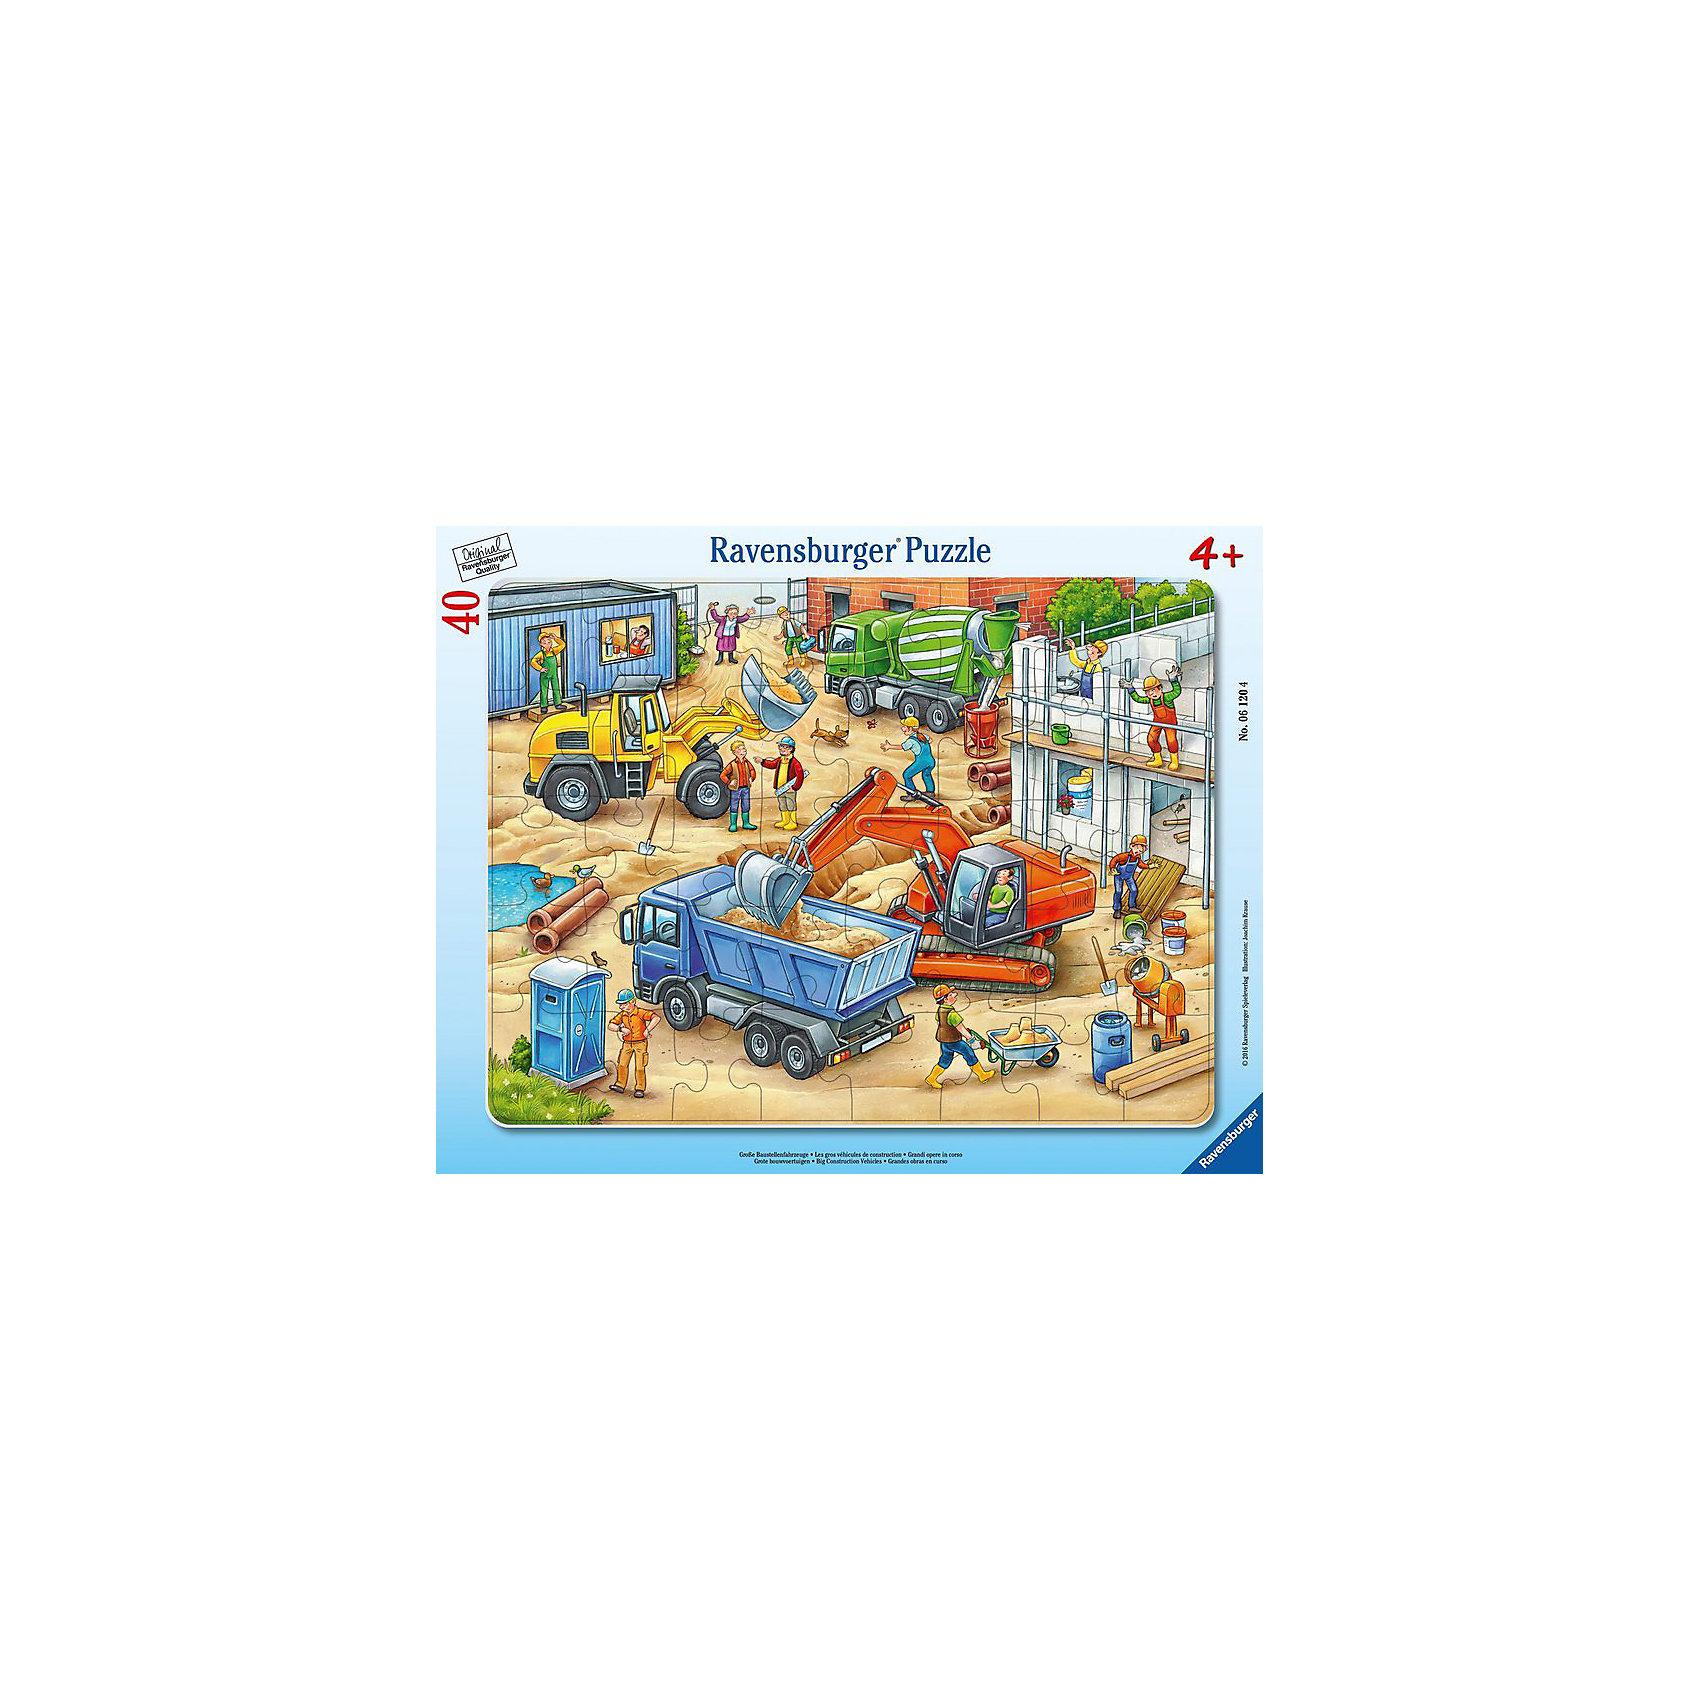 Пазл Большие строительные машины, 40 деталей, RavensburgerПазл из качественного картона показывает целый сюжет на одной картинке. Основной упор сделан на большие машины, которые участвуют в строительстве, наглядно показывая, зачем нужна конкретная машина. Тут можно увидеть бетономешалку, два вида экскаватора и самосвал. На строительной площадке можно увидеть целую команду рабочих, а также собачку, случайно забежавшую на стройку в погоне за бабочкой. Собирая пазл, развивается логика и моторика рук. А так же малыш познает систему строительства дома.<br><br>В товар входит:<br>-40 деталей <br><br>Дополнительная информация<br>- Размер картинки :  32,5*24,5 см <br>-Размер упаковки : 36,8*28,4*0,6 см<br>-Возраст: от 4 до 6 лет<br>-Для мальчиков <br>-Состав: картон<br>-Бренд: Ravensburger (Равенсбургер)<br>-Страна обладатель бренда: Германия<br><br>Ширина мм: 376<br>Глубина мм: 294<br>Высота мм: 7<br>Вес г: 303<br>Возраст от месяцев: 48<br>Возраст до месяцев: 72<br>Пол: Мужской<br>Возраст: Детский<br>Количество деталей: 40<br>SKU: 4441676